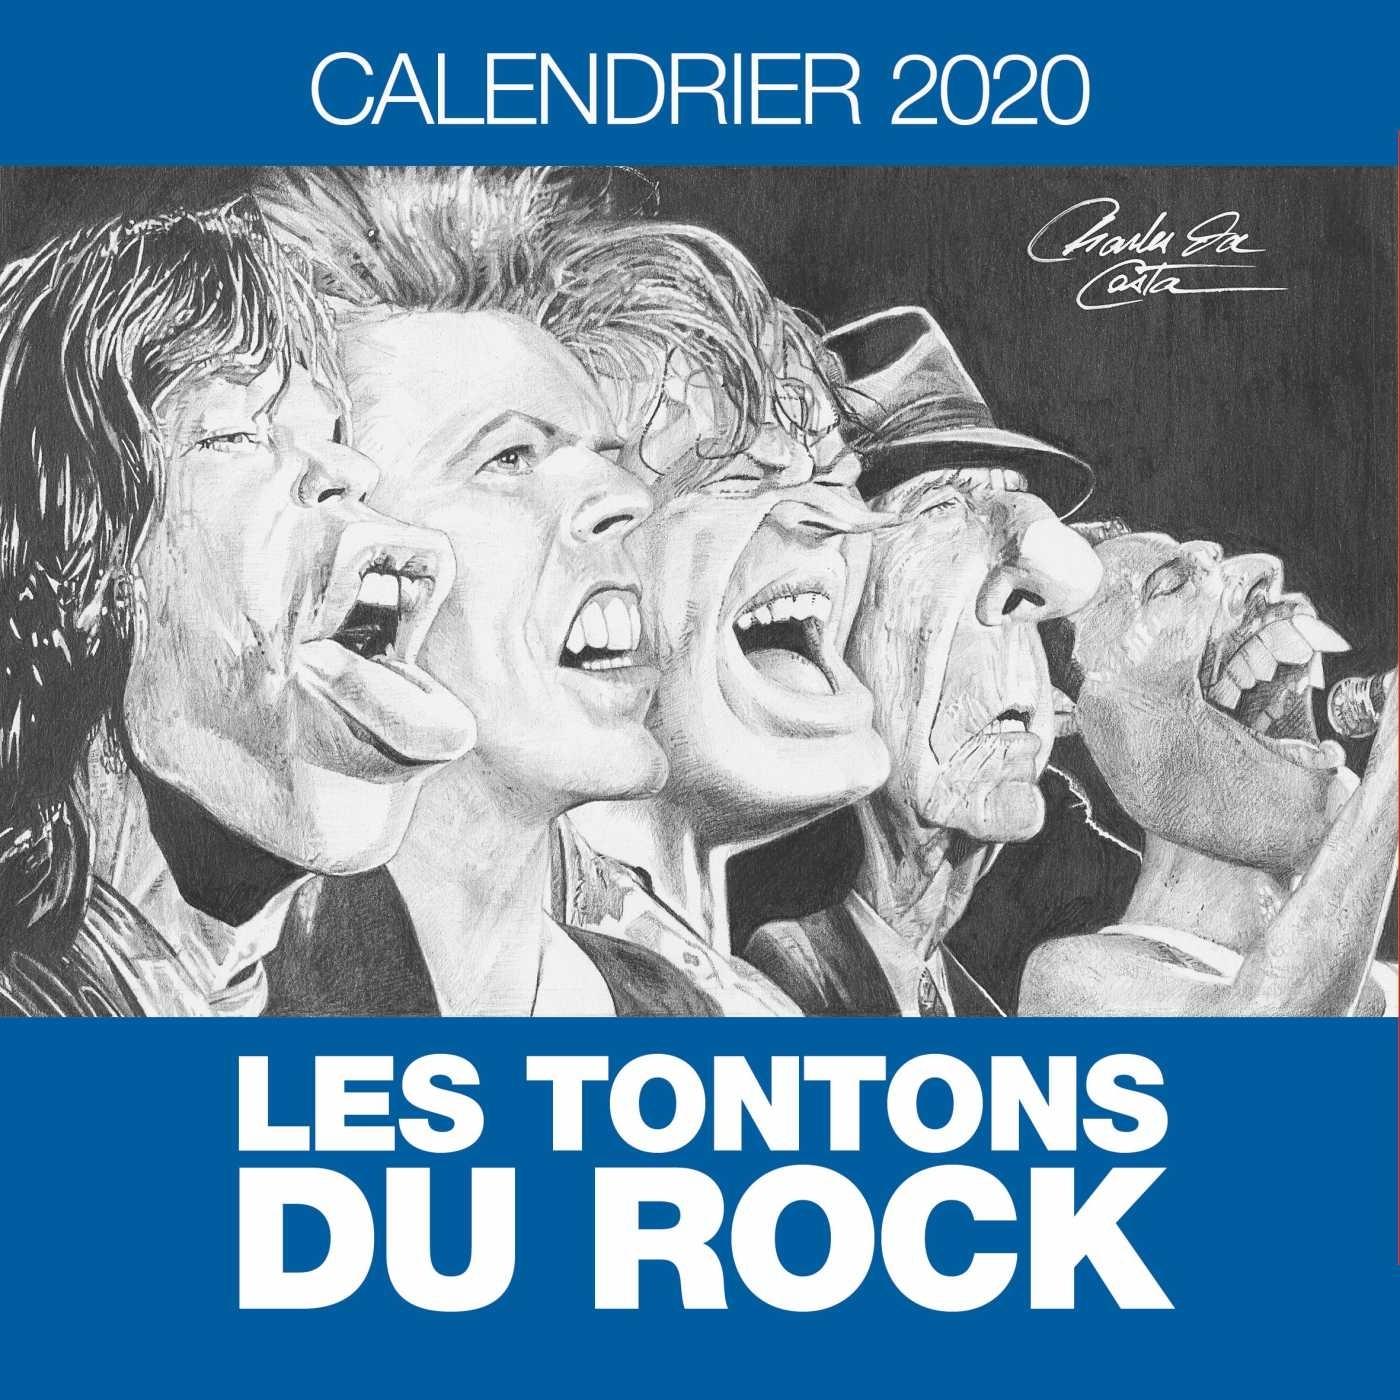 LES TONTONS DU ROCK 2020